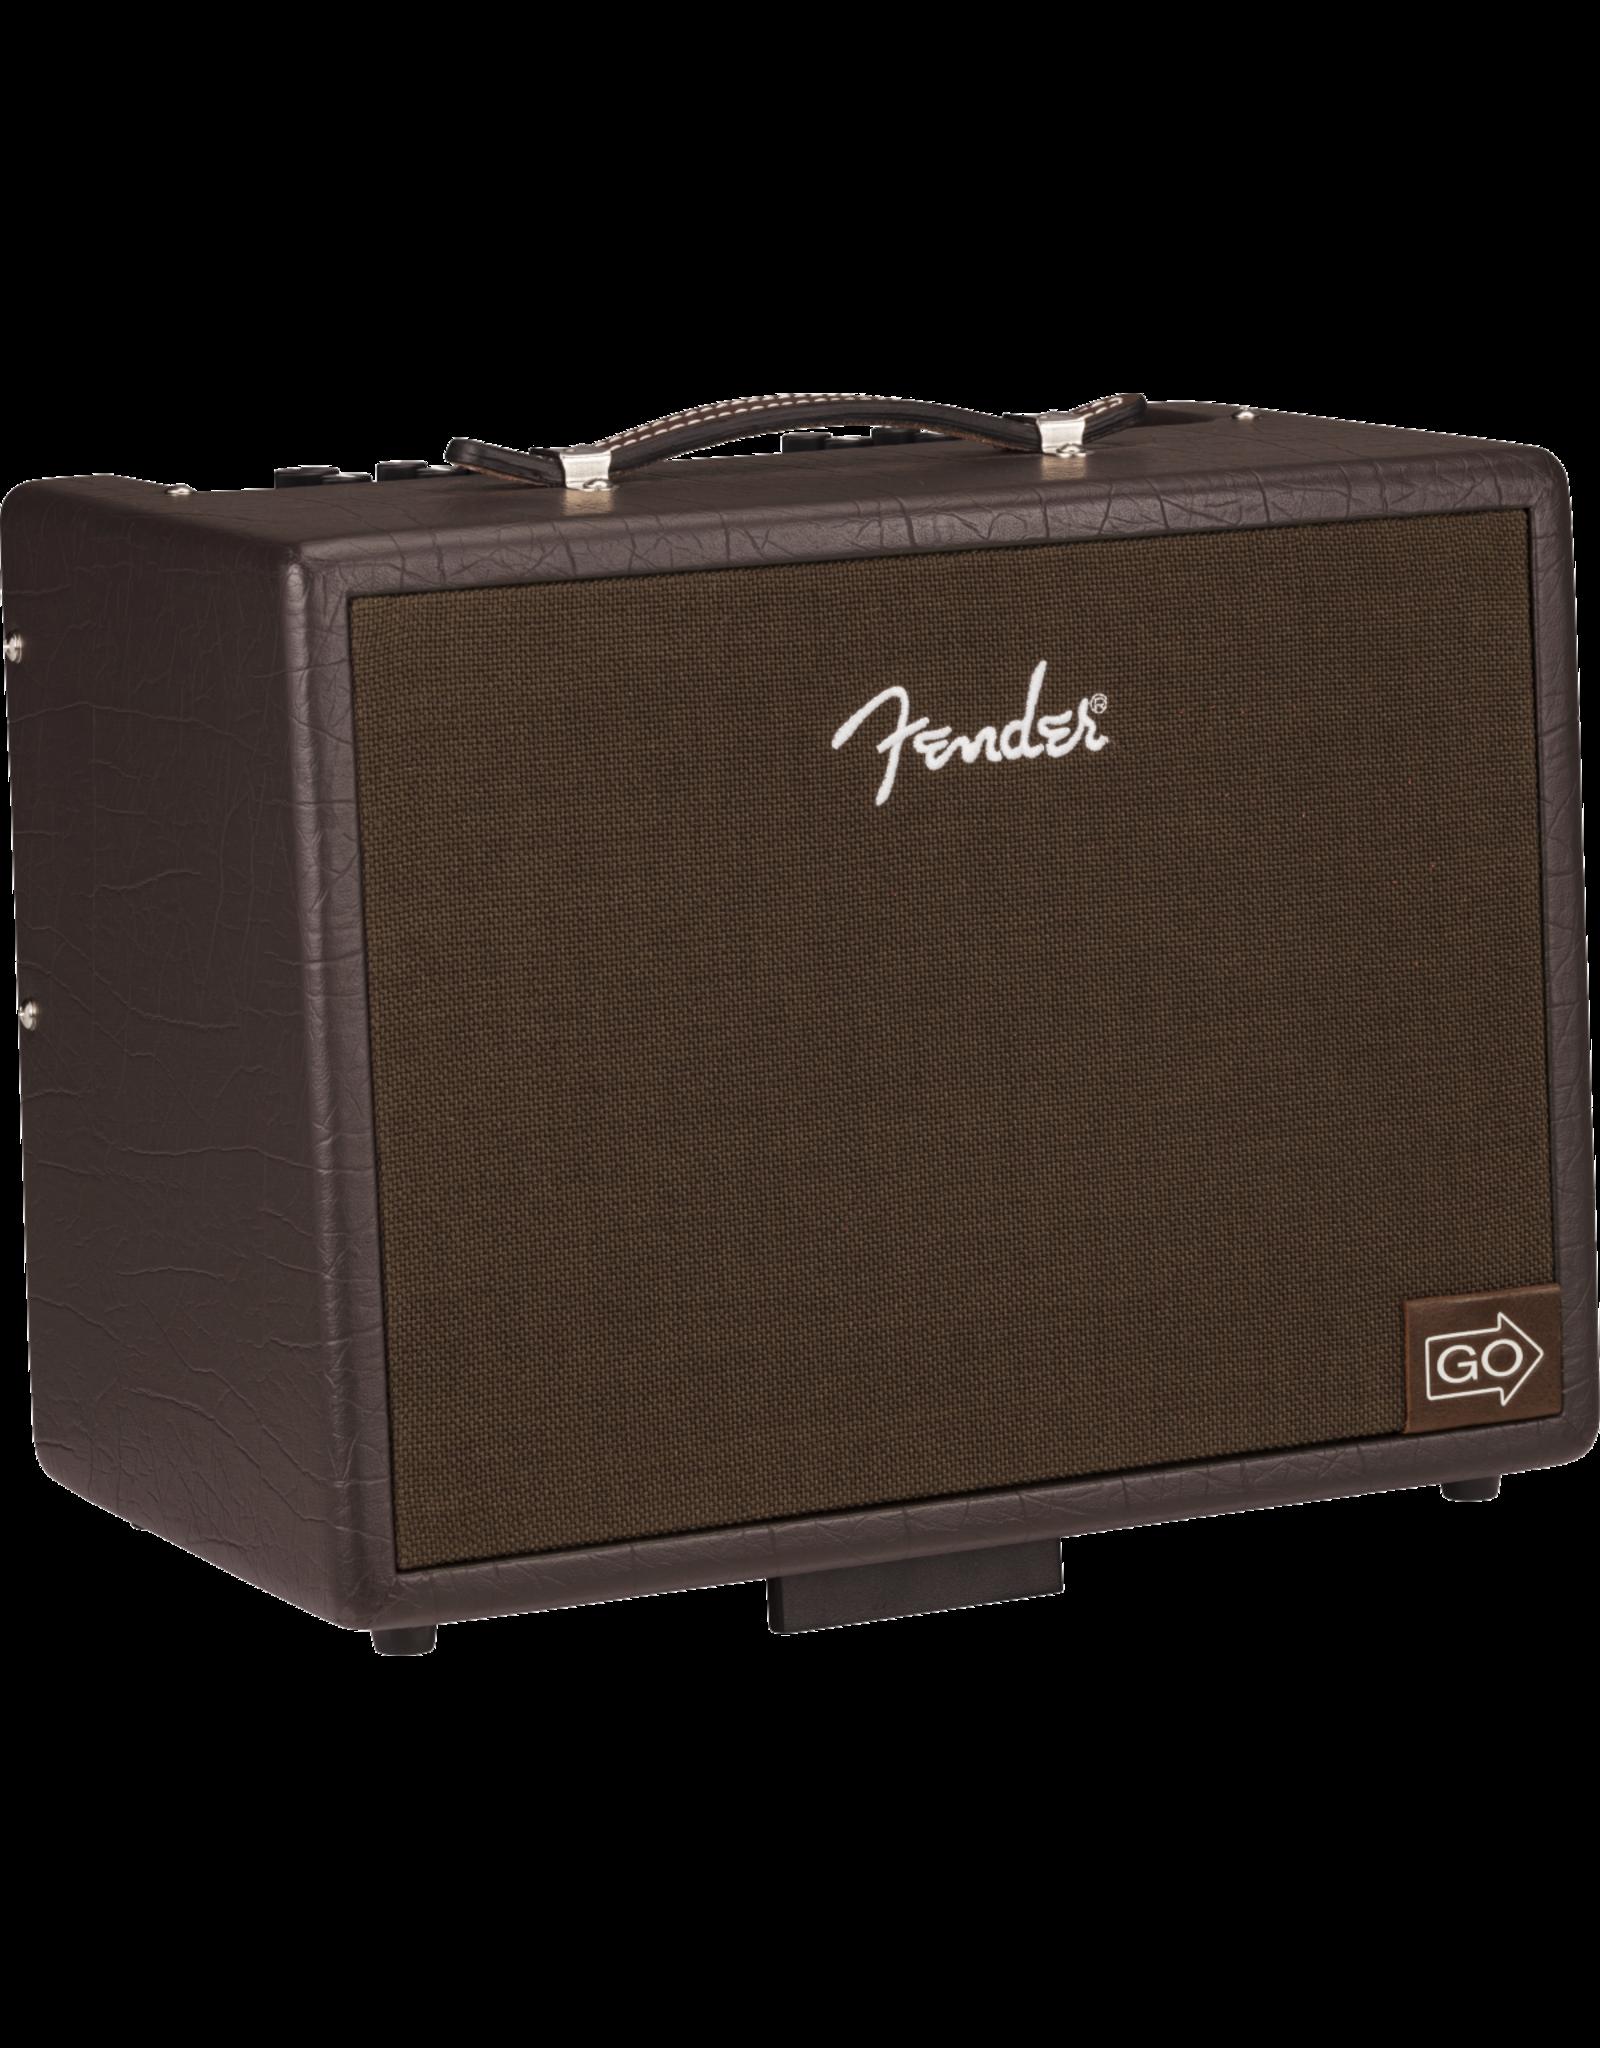 Fender Fender Acoustic Junior Go